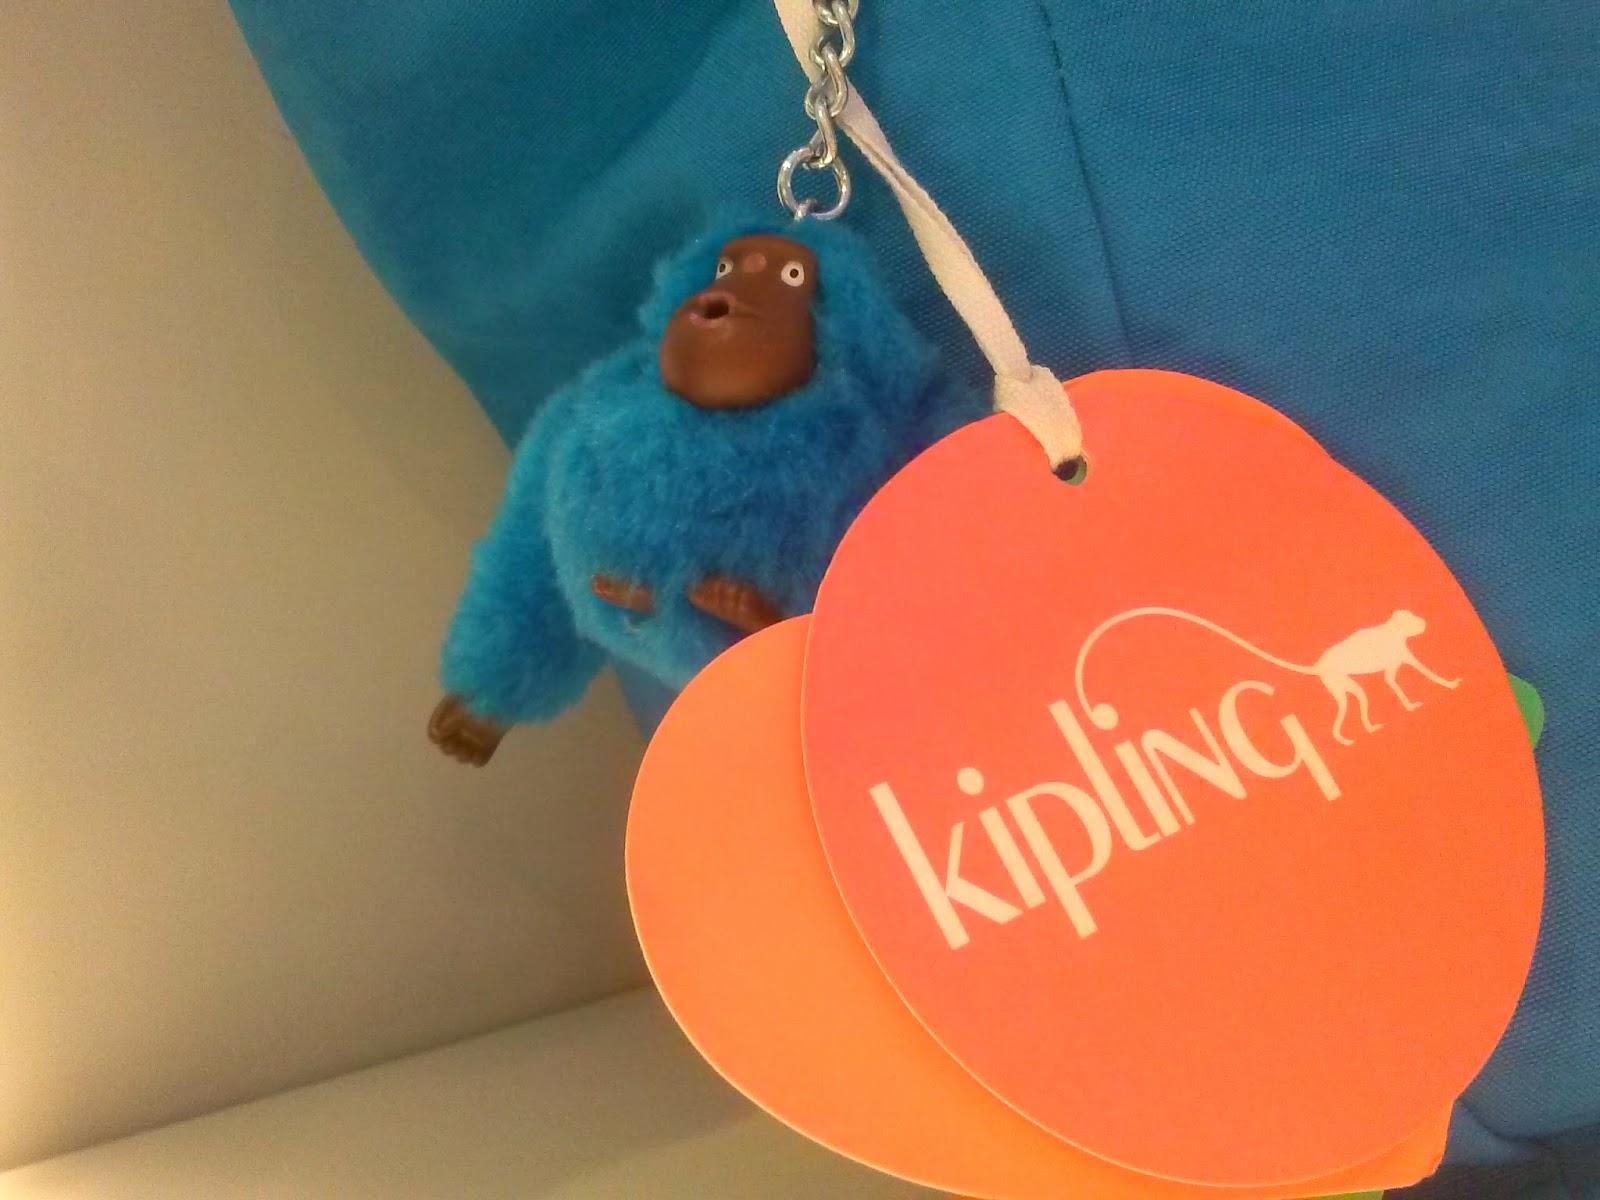 kipling.com.br/blog/